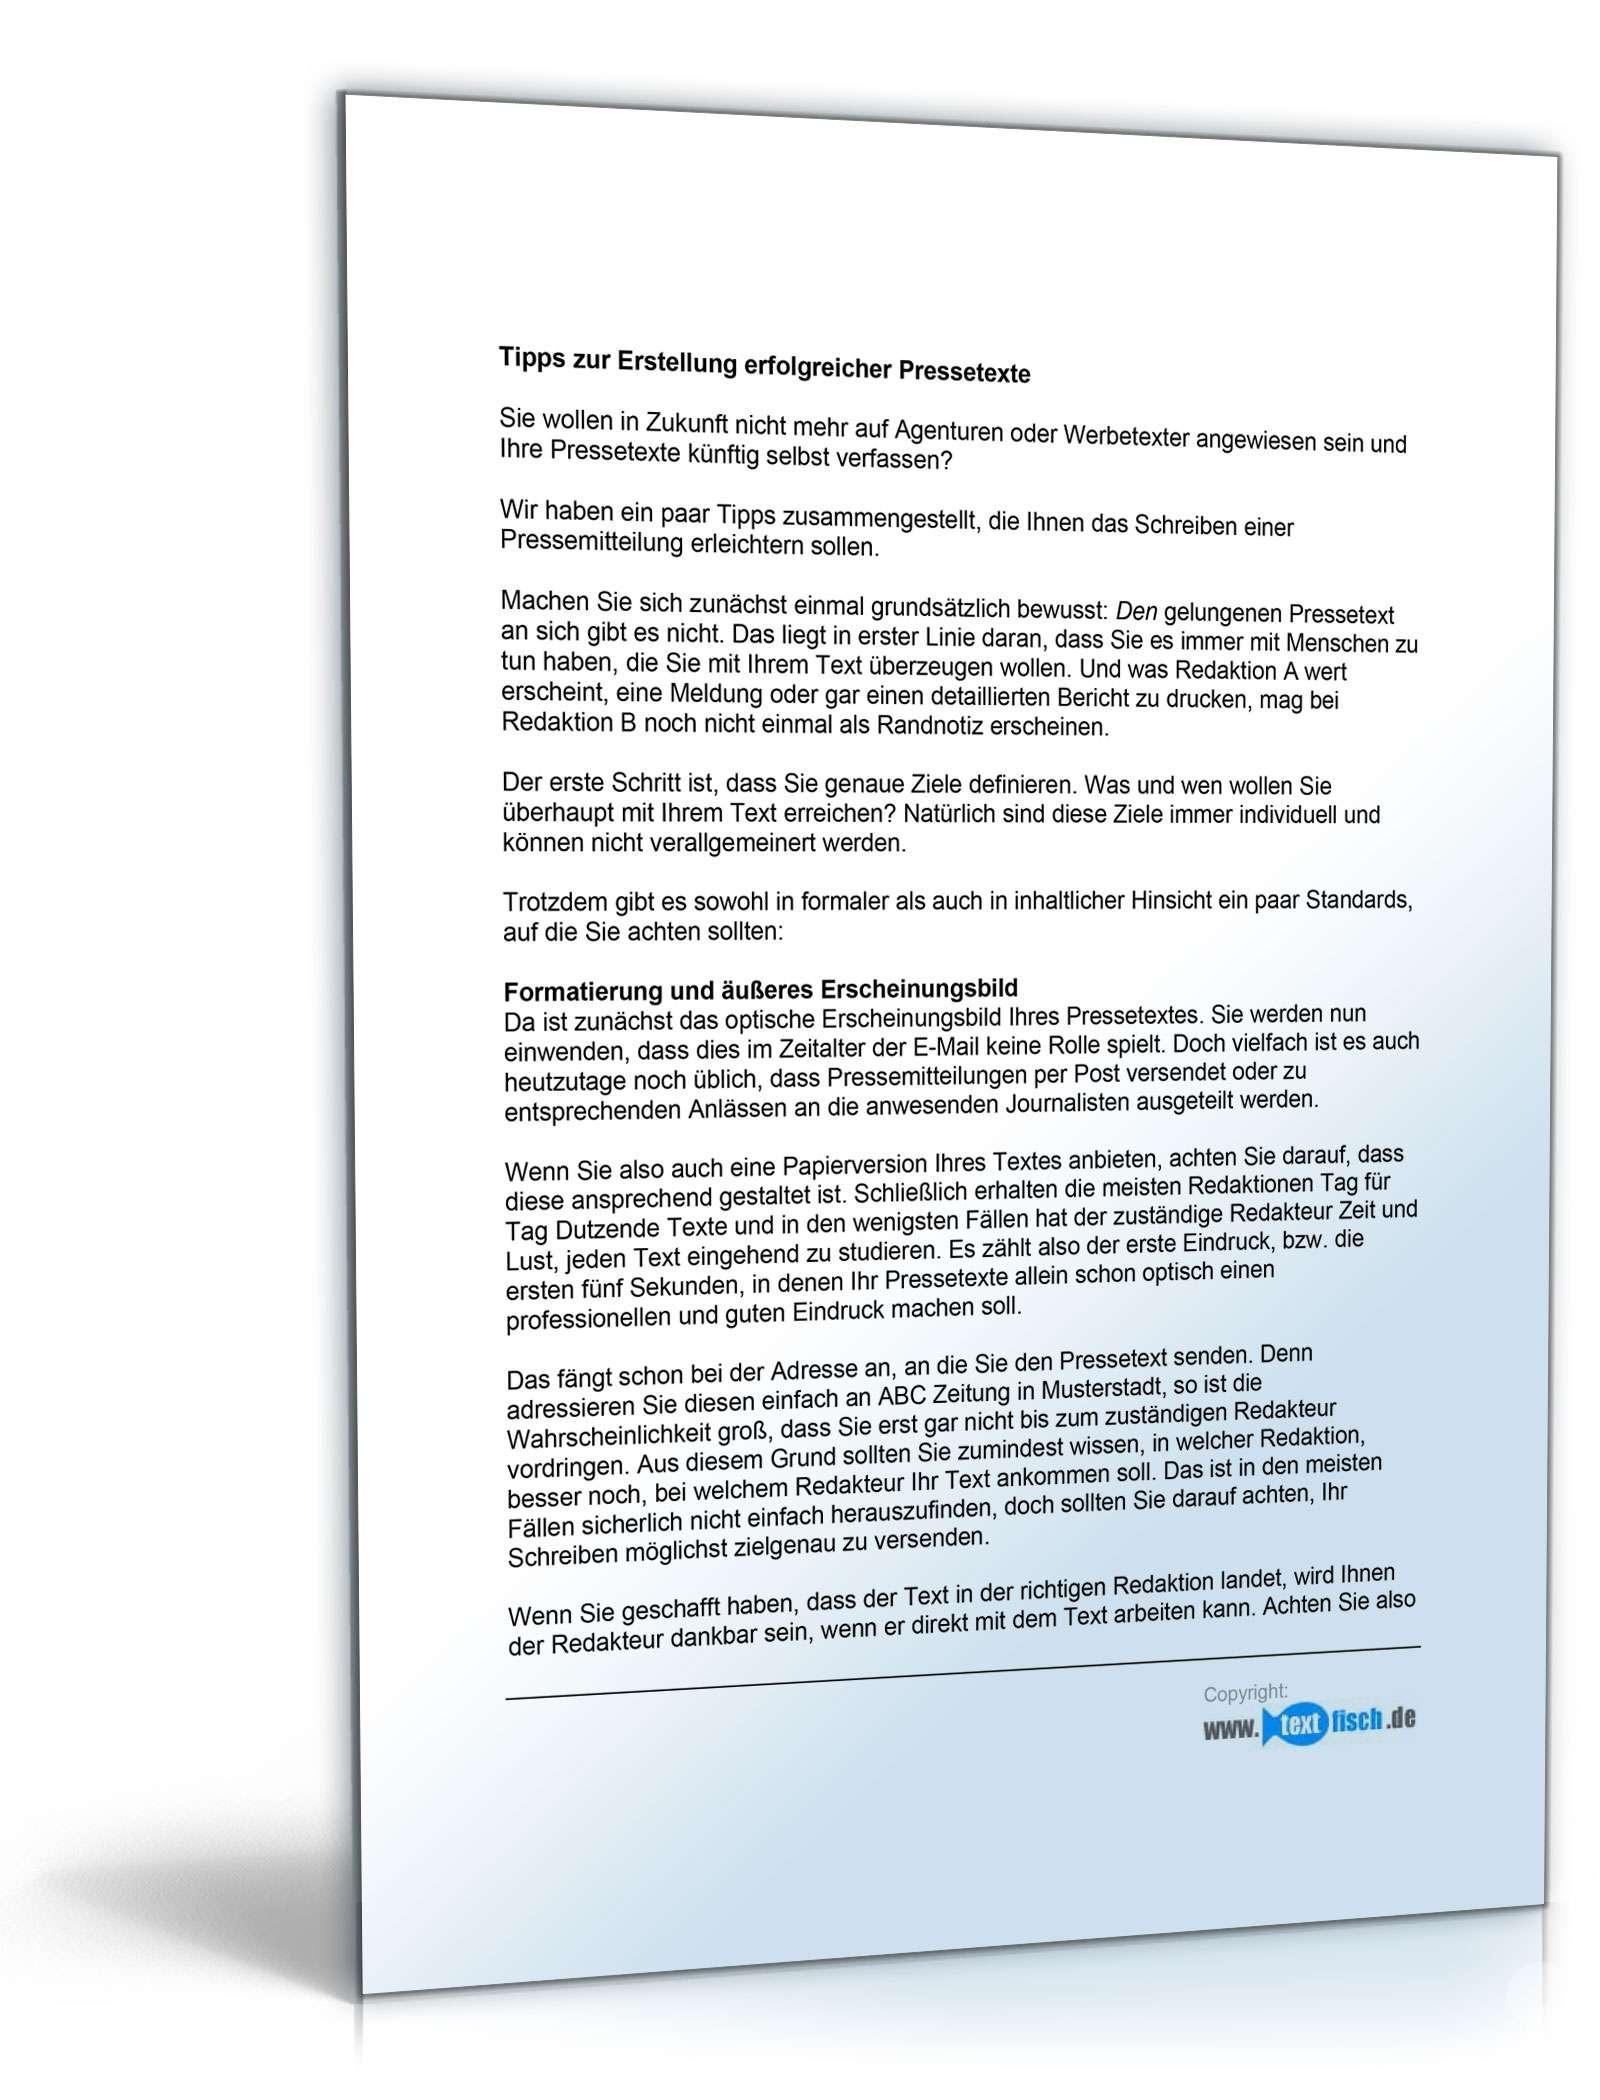 Pressemitteilung Firmenjubiläum (Supermarkt)- Muster zum Download